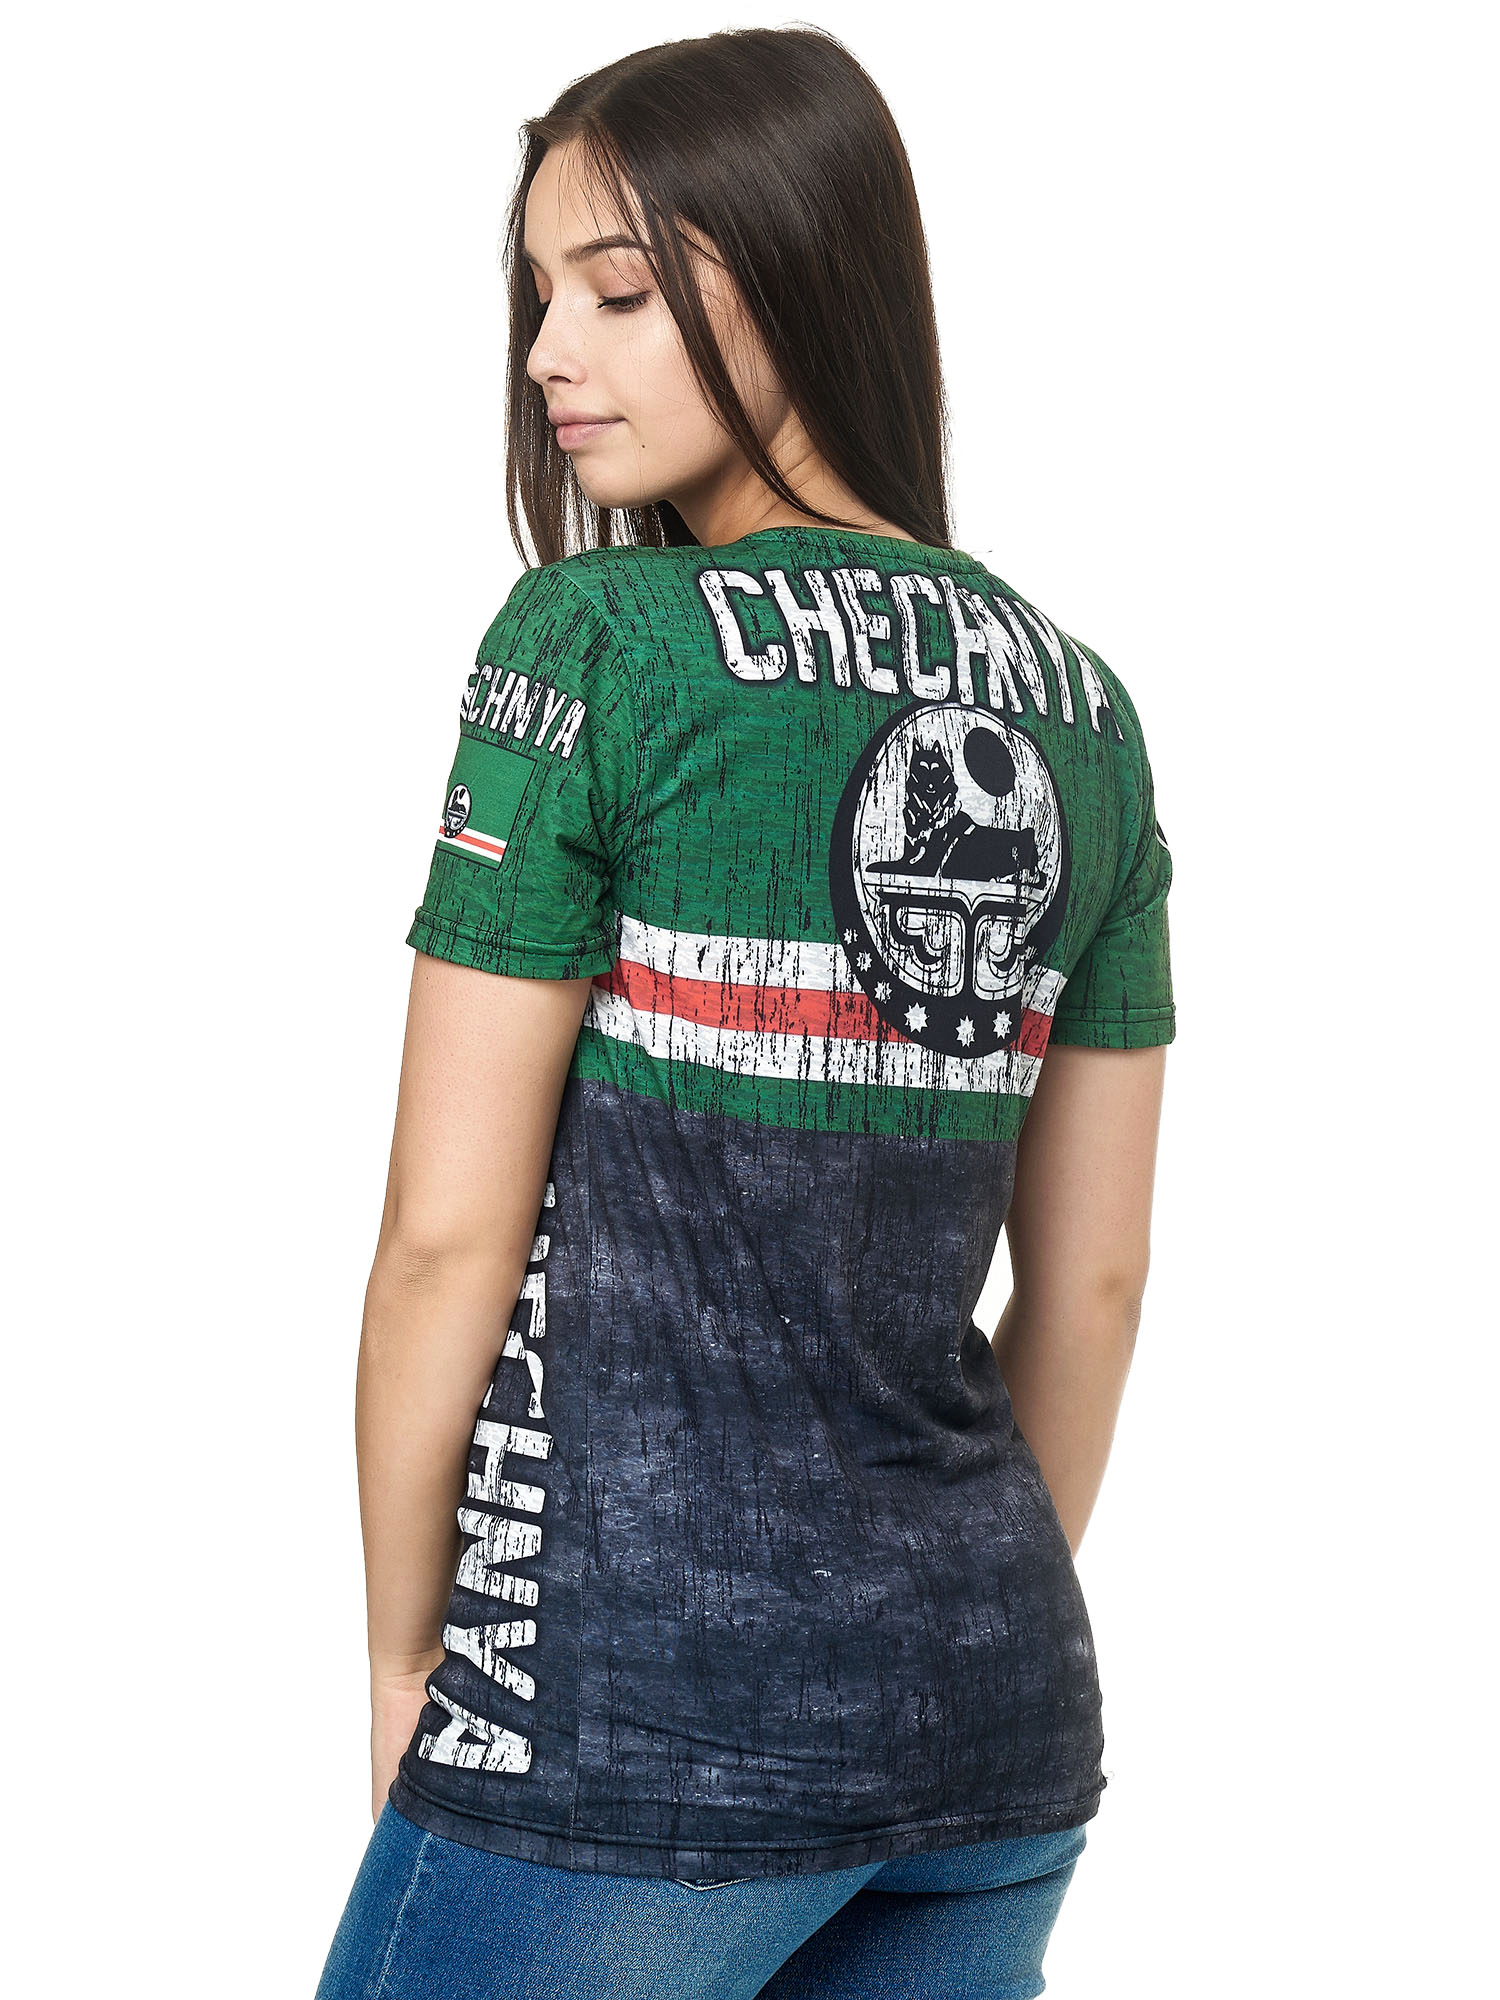 Paesi-da-Donna-T-shirt-A-Maniche-Corte-Girocollo-donne-CALCIO-Fanshirt-John-Kayna miniatura 40